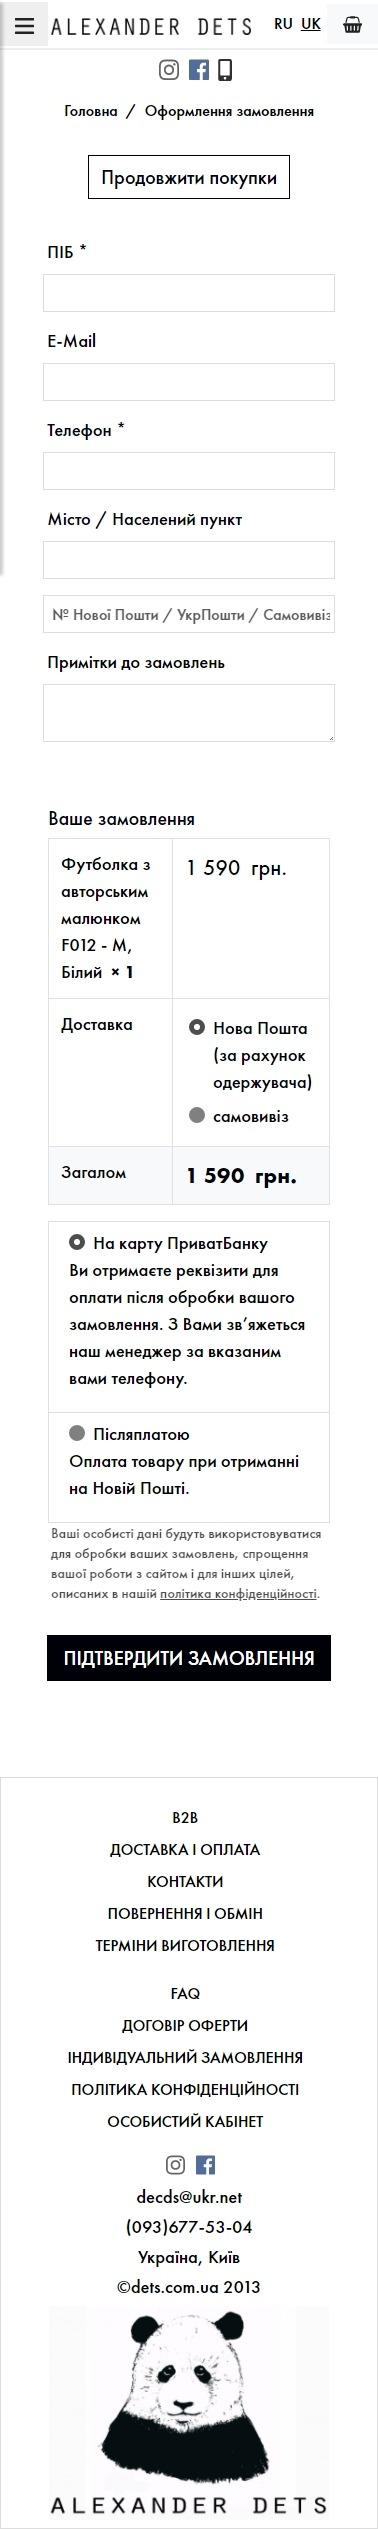 15_dets.com.ua